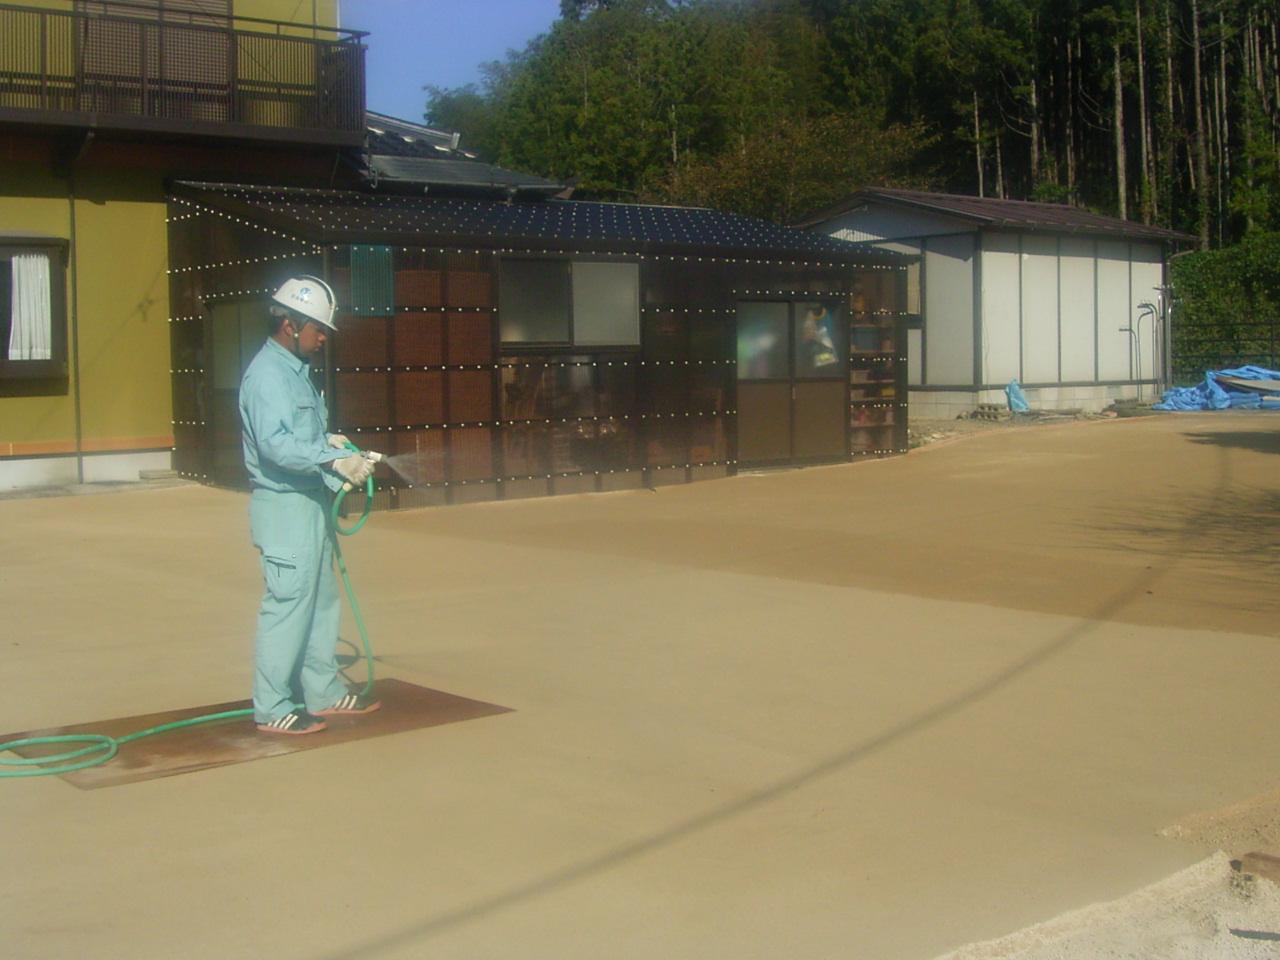 ⑦次の日に散水養生を行います。散水することにより強度が上がっていきます。